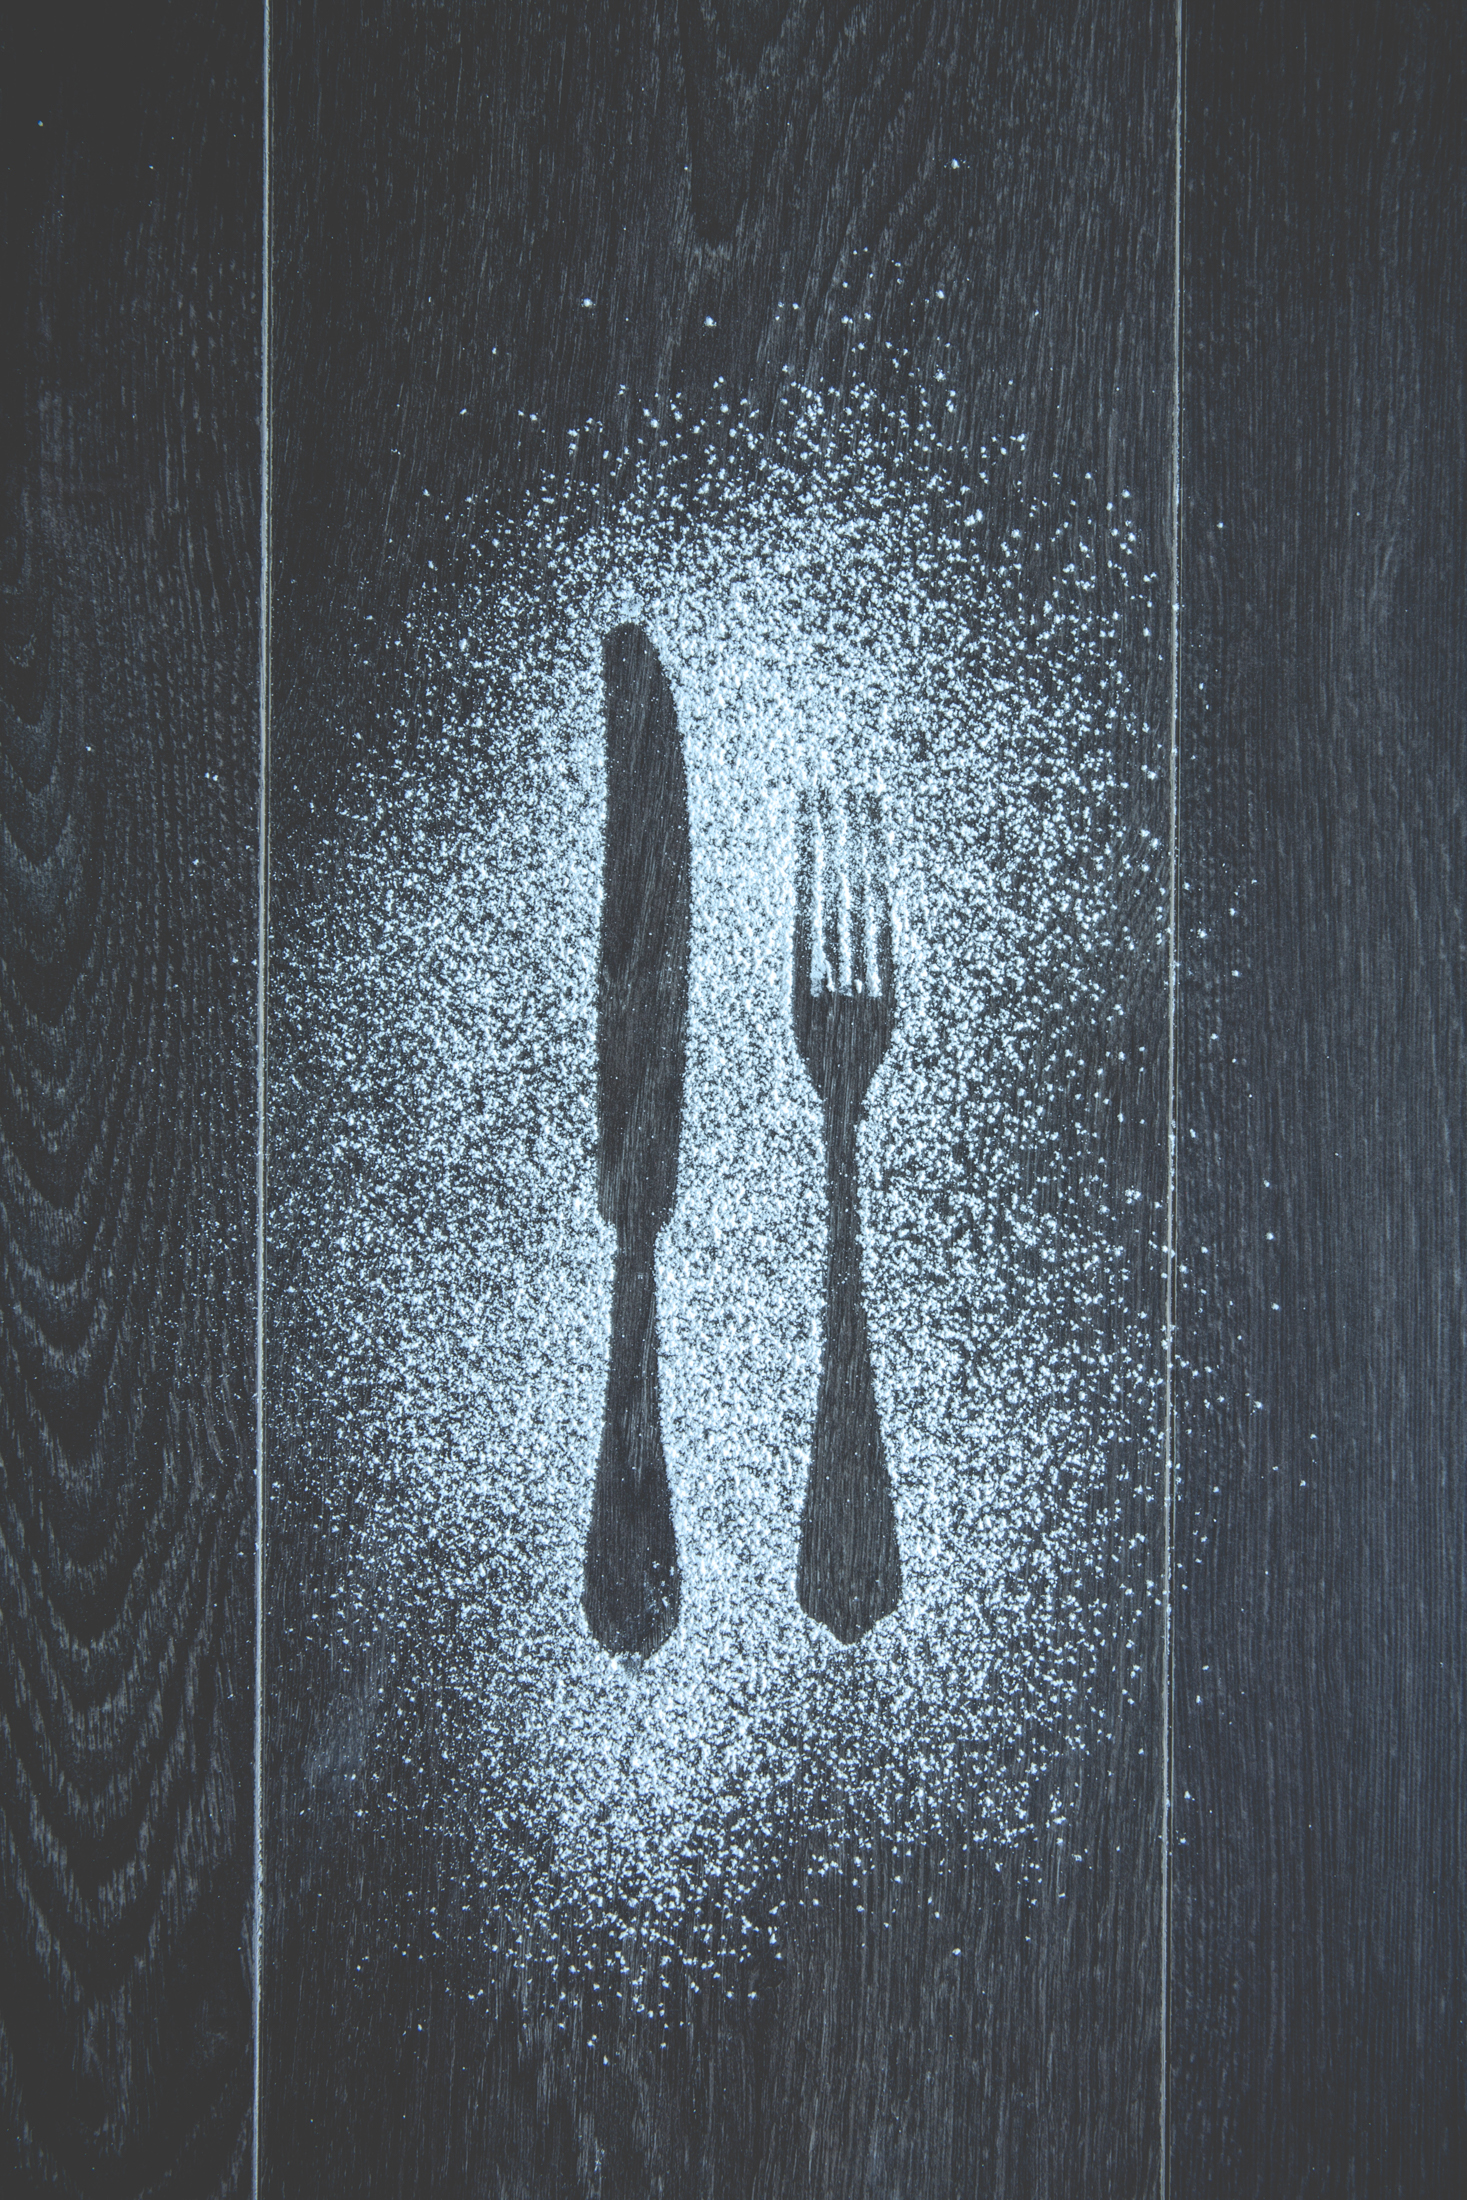 Food #7